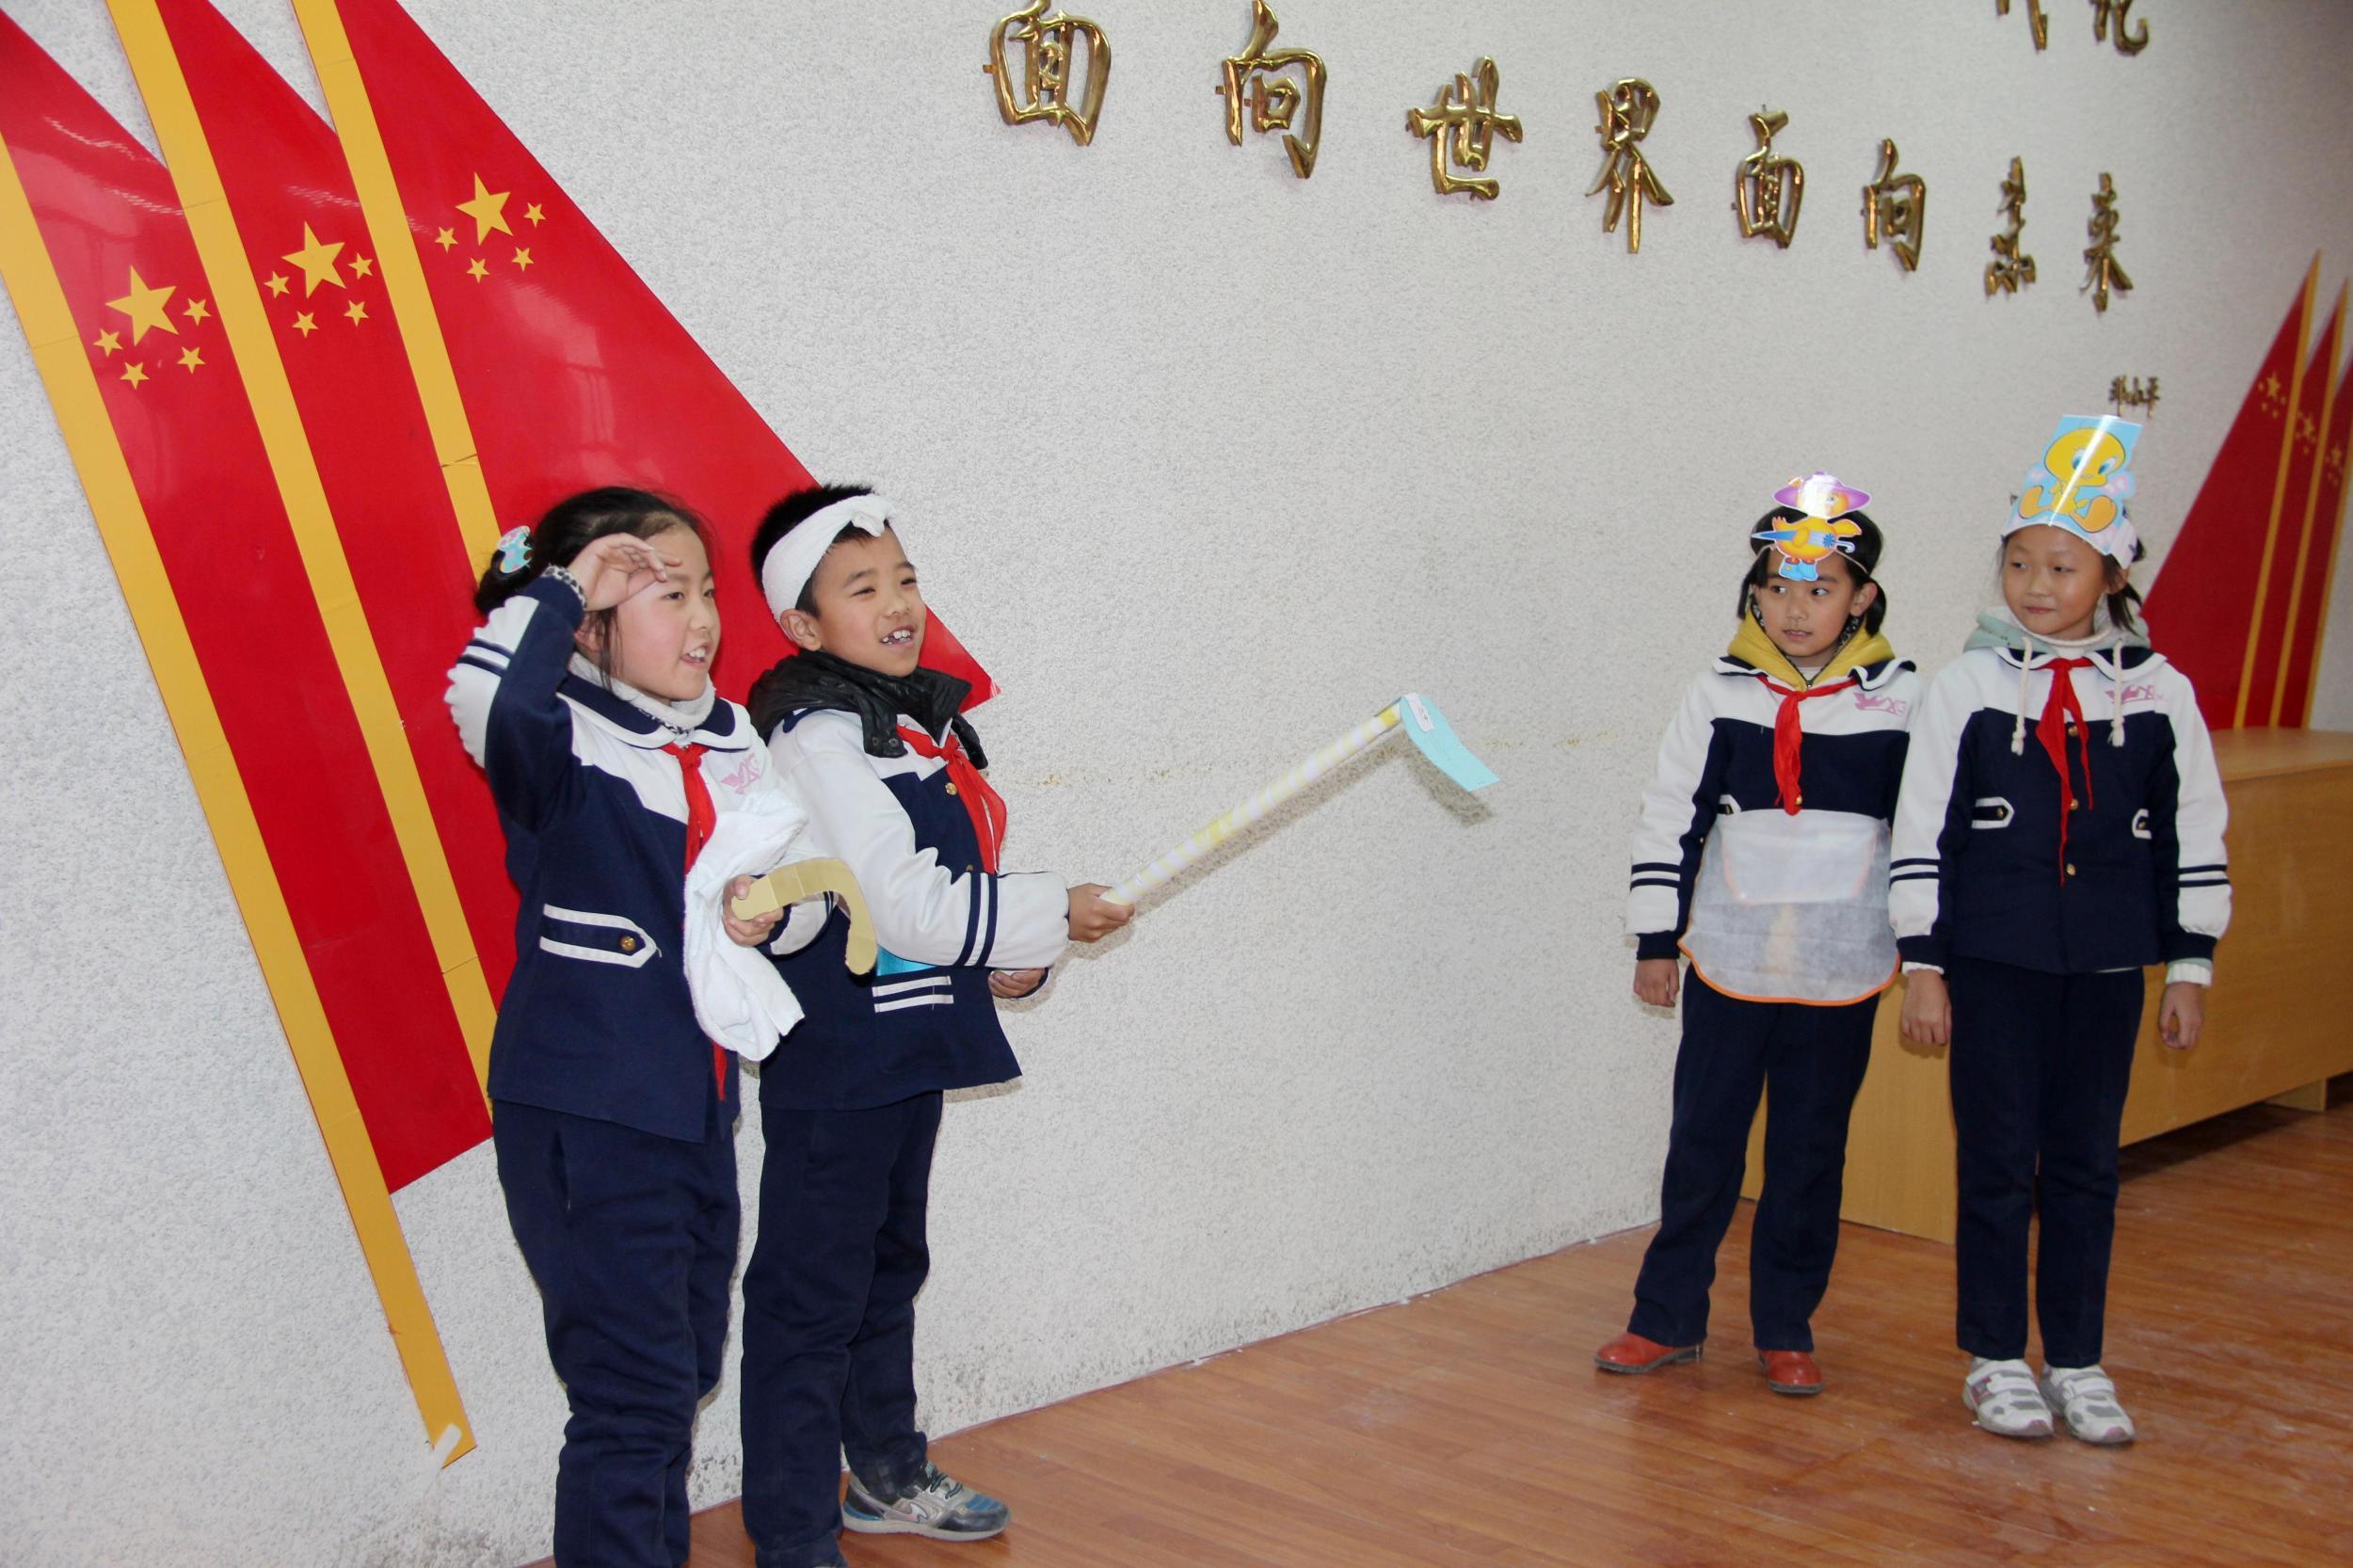 小学生在演小品初中贾平凹图片